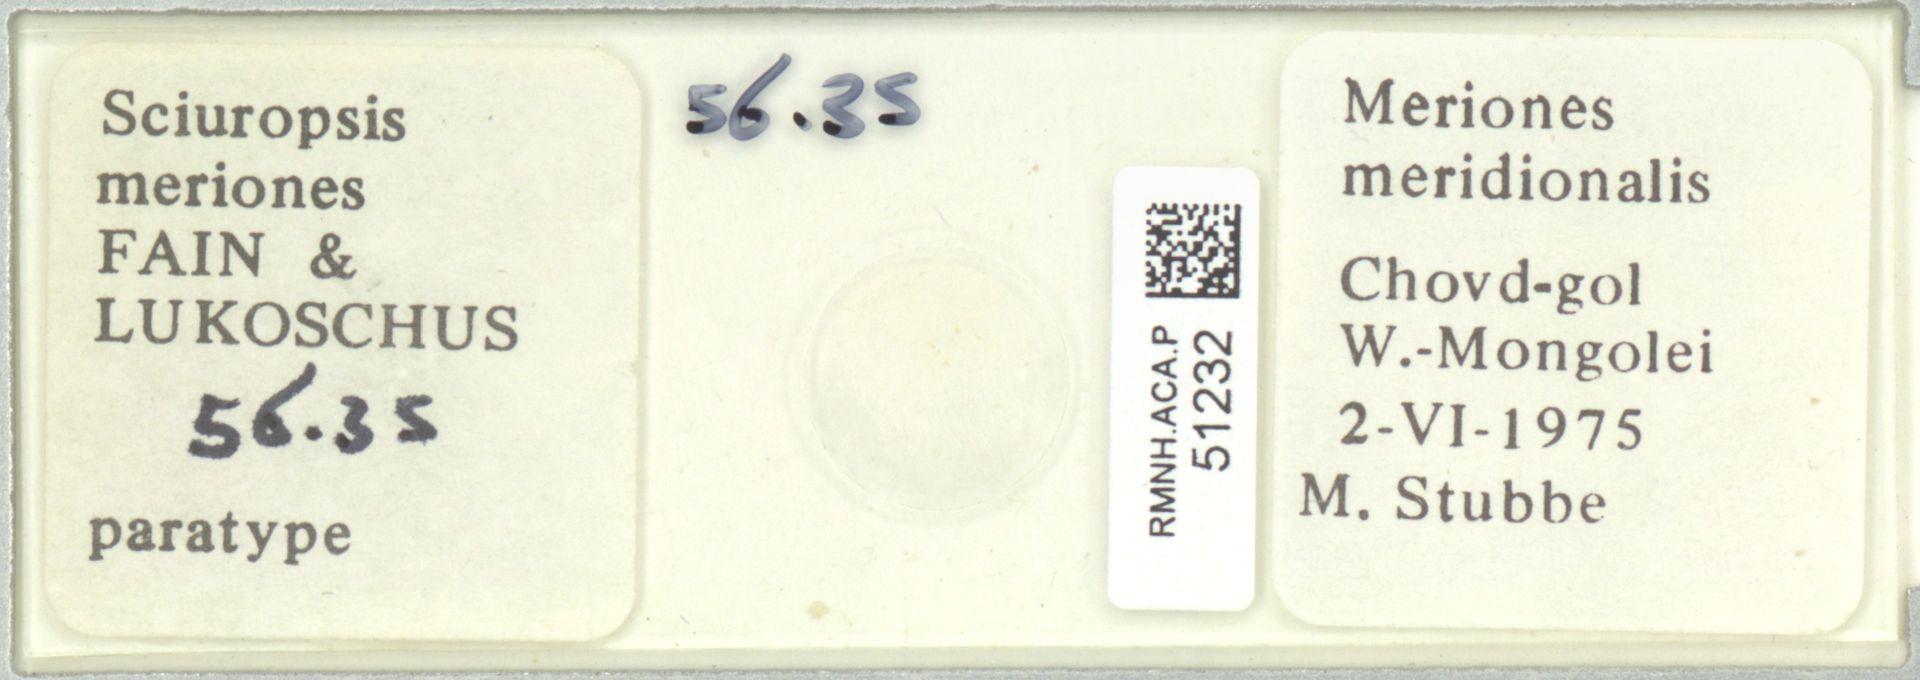 RMNH.ACA.P.51232 | Sciuropsis meriones Fain & Lukoschus